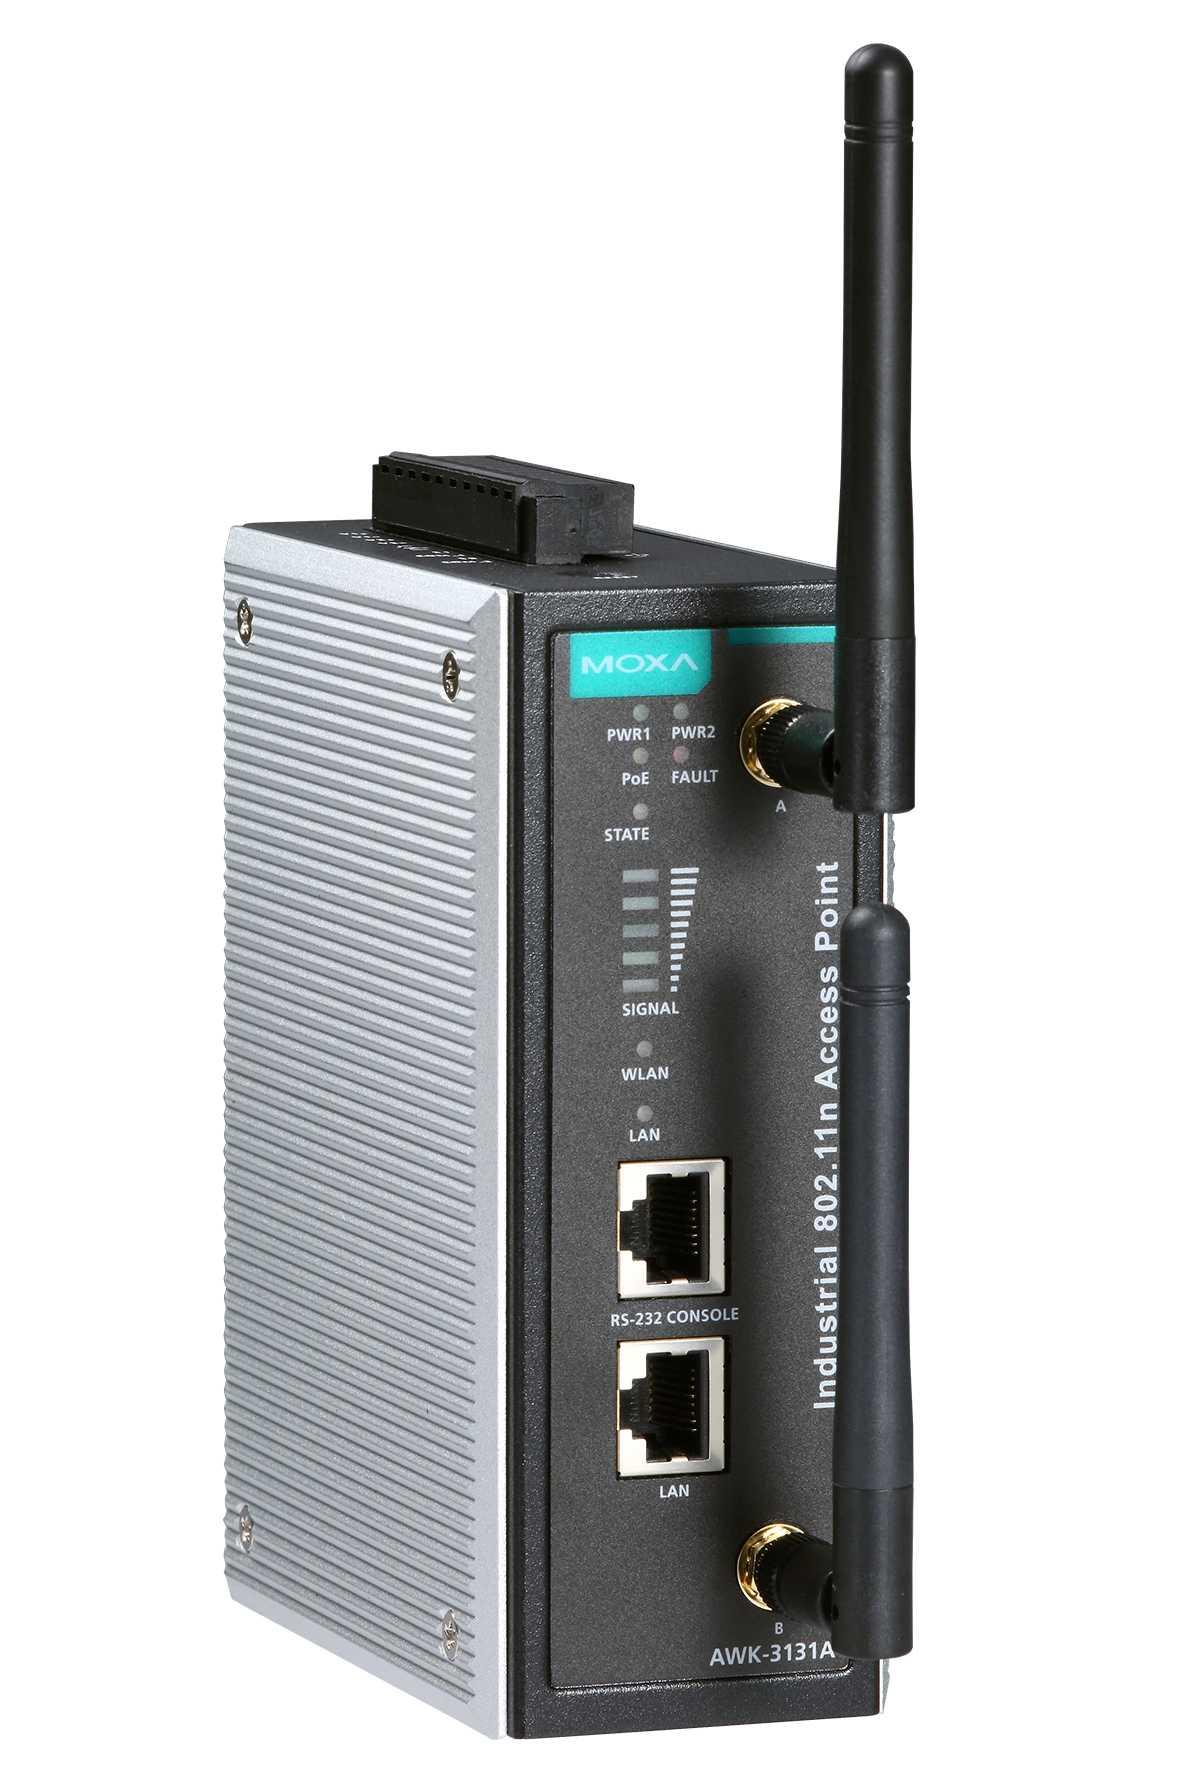 Moxas WLAN-Brücke funkt wahlweise im 2,4- oder im 5-GHz-Band gemäß der Funknorm IEEE 802.11n. Sie überträgt bis zu 300 MBit/s brutto.